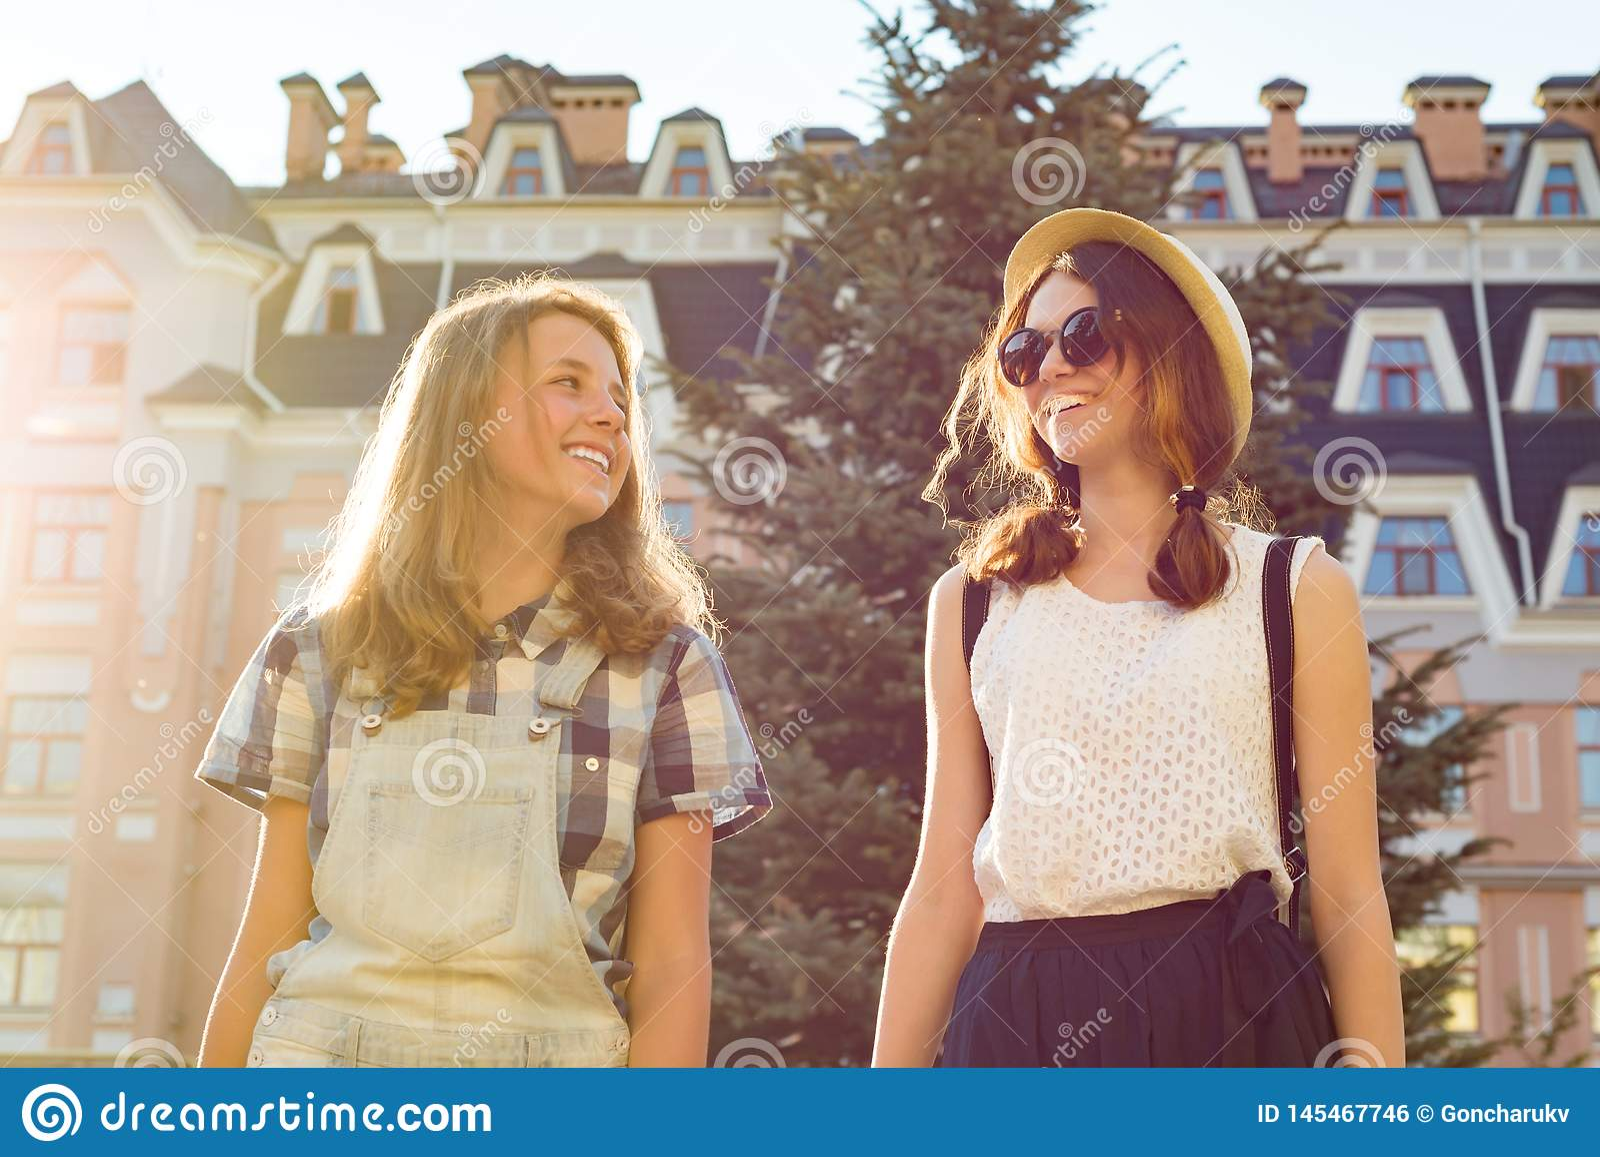 Portret van twee glimlachende mooie meisjes, tieners 13, 14 jaar oud, close-up, meisjes het spreken lachend en lopend in de zomer